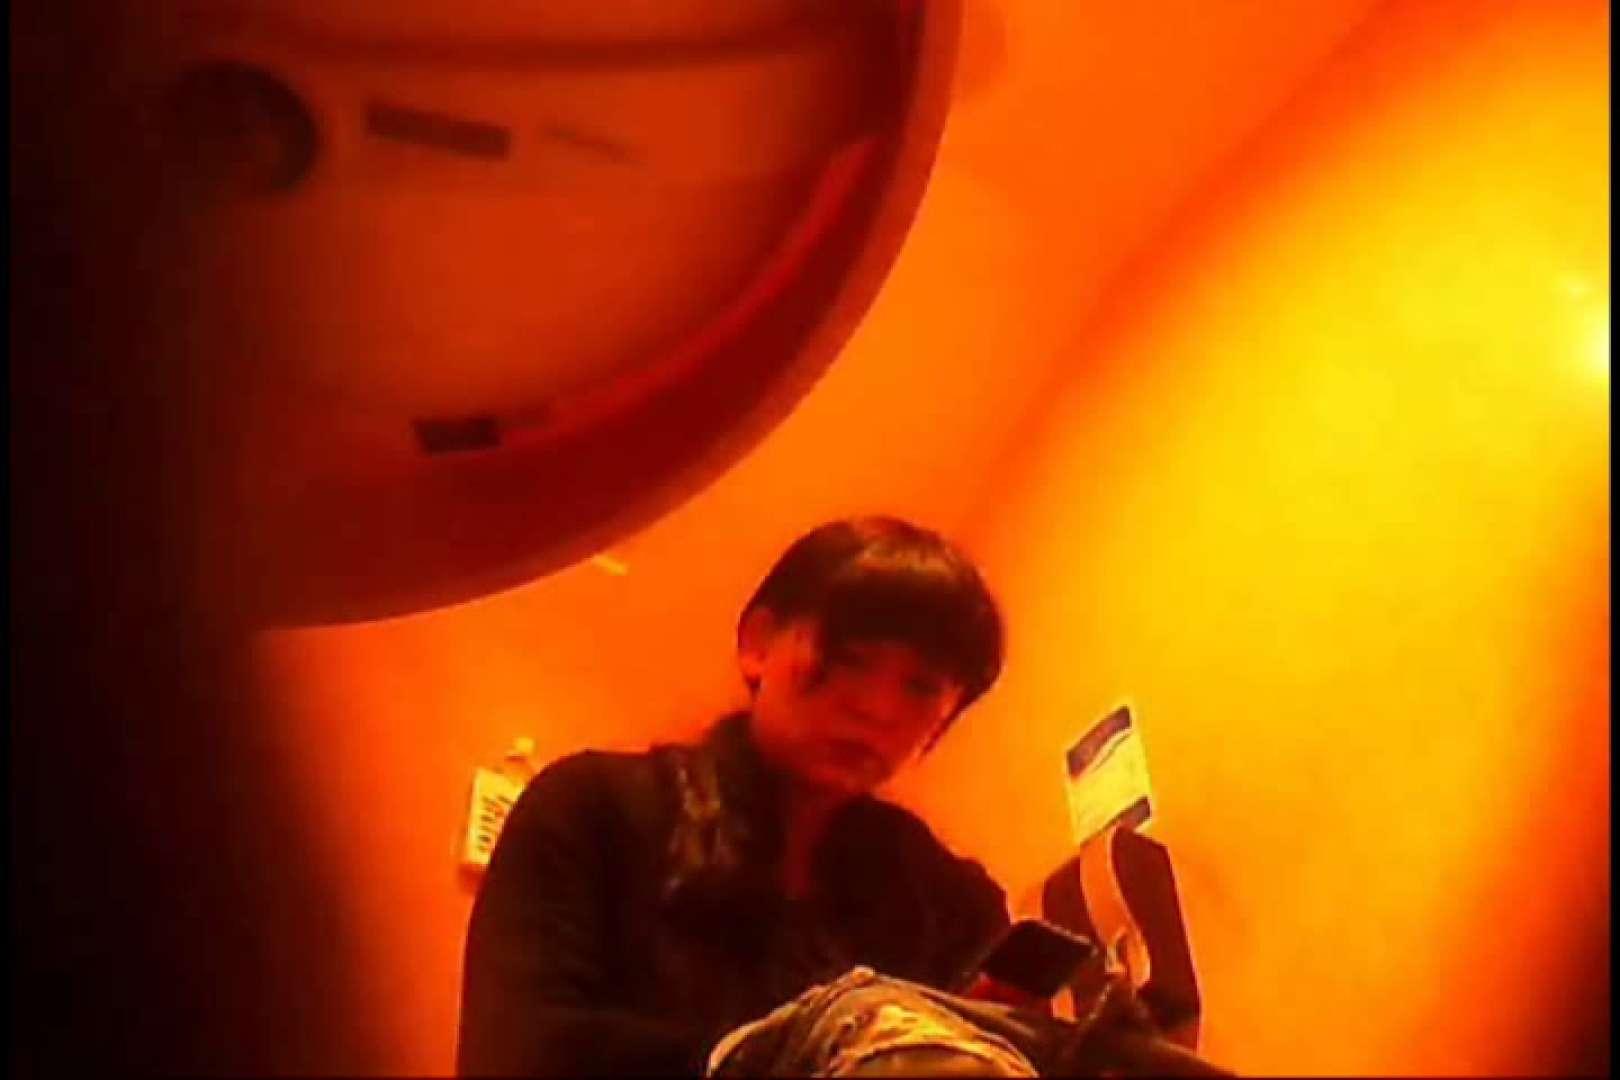 潜入!!女子化粧室盗撮~絶対見られたくない時間~vo,69 潜入 AV動画キャプチャ 58連発 31